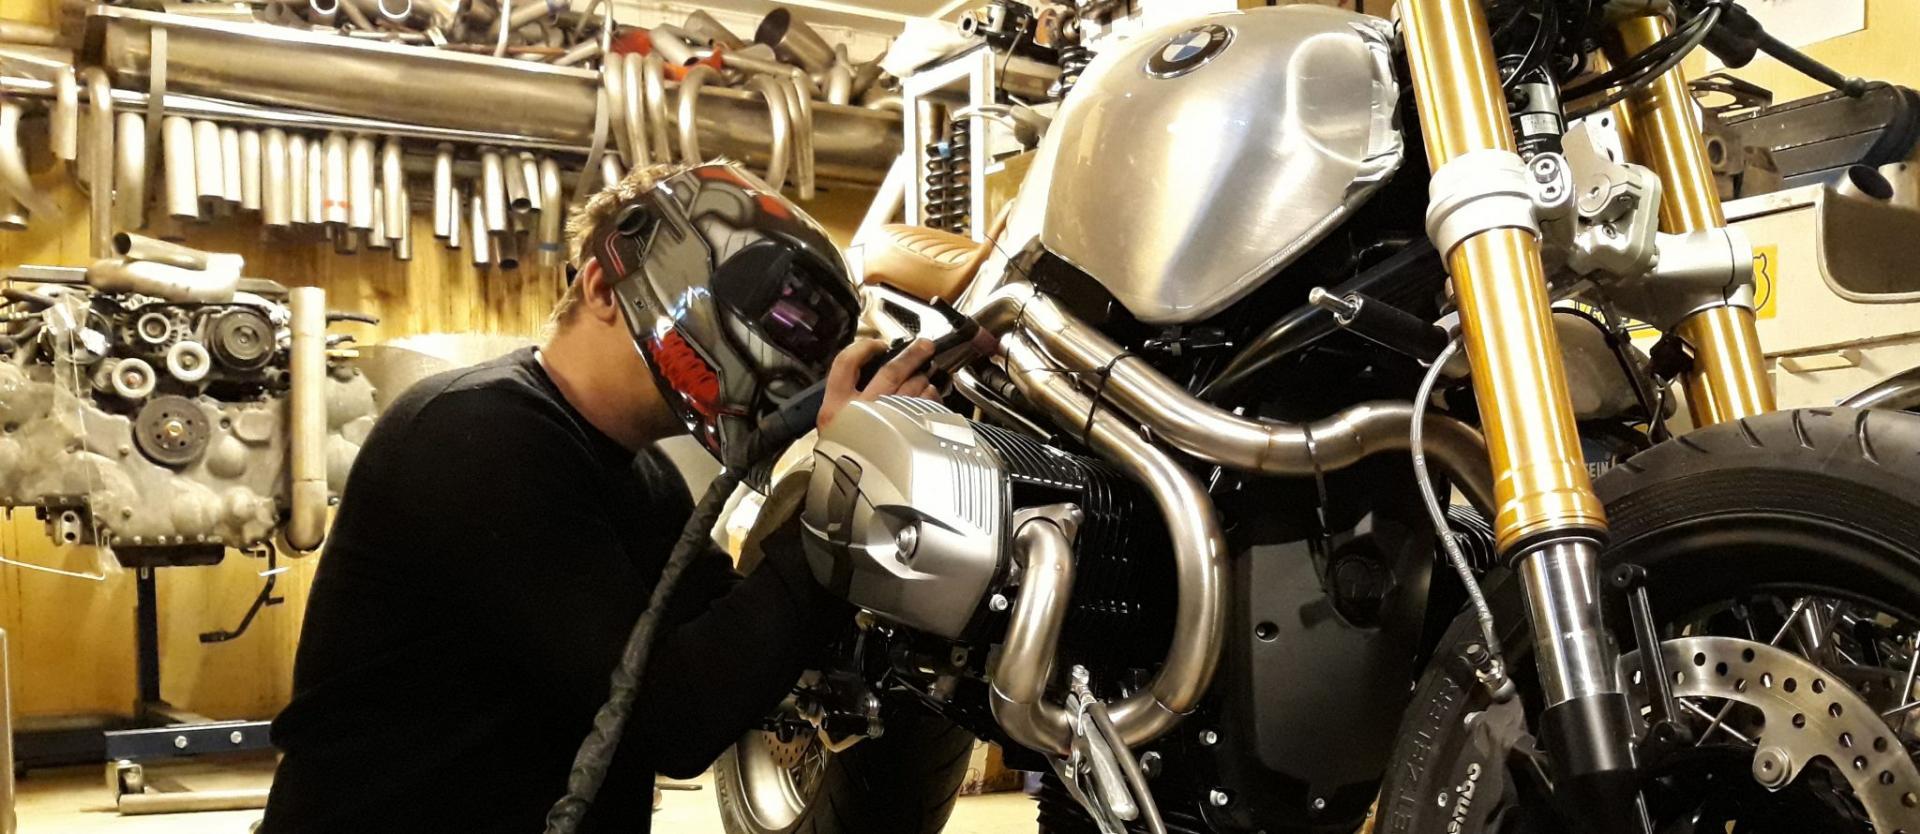 Custom exhaust for BMW R nine T - mobeck com